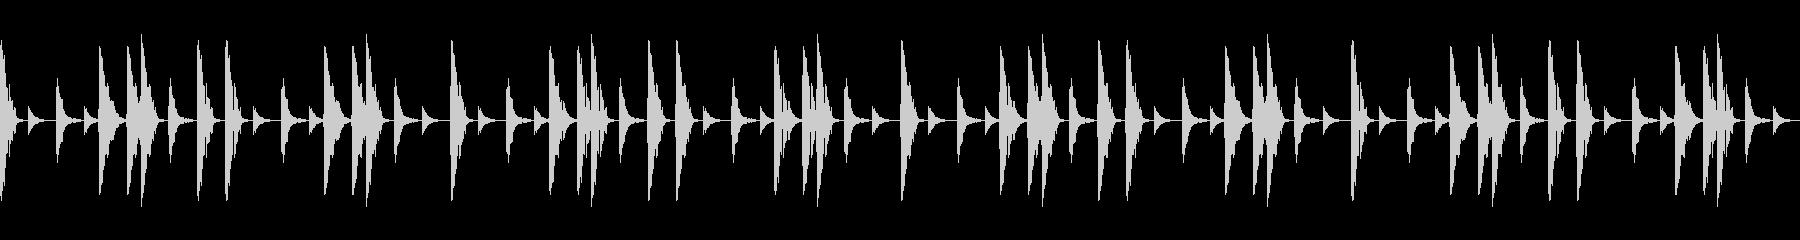 シンプルなヒップホップ系ドラムビートの未再生の波形